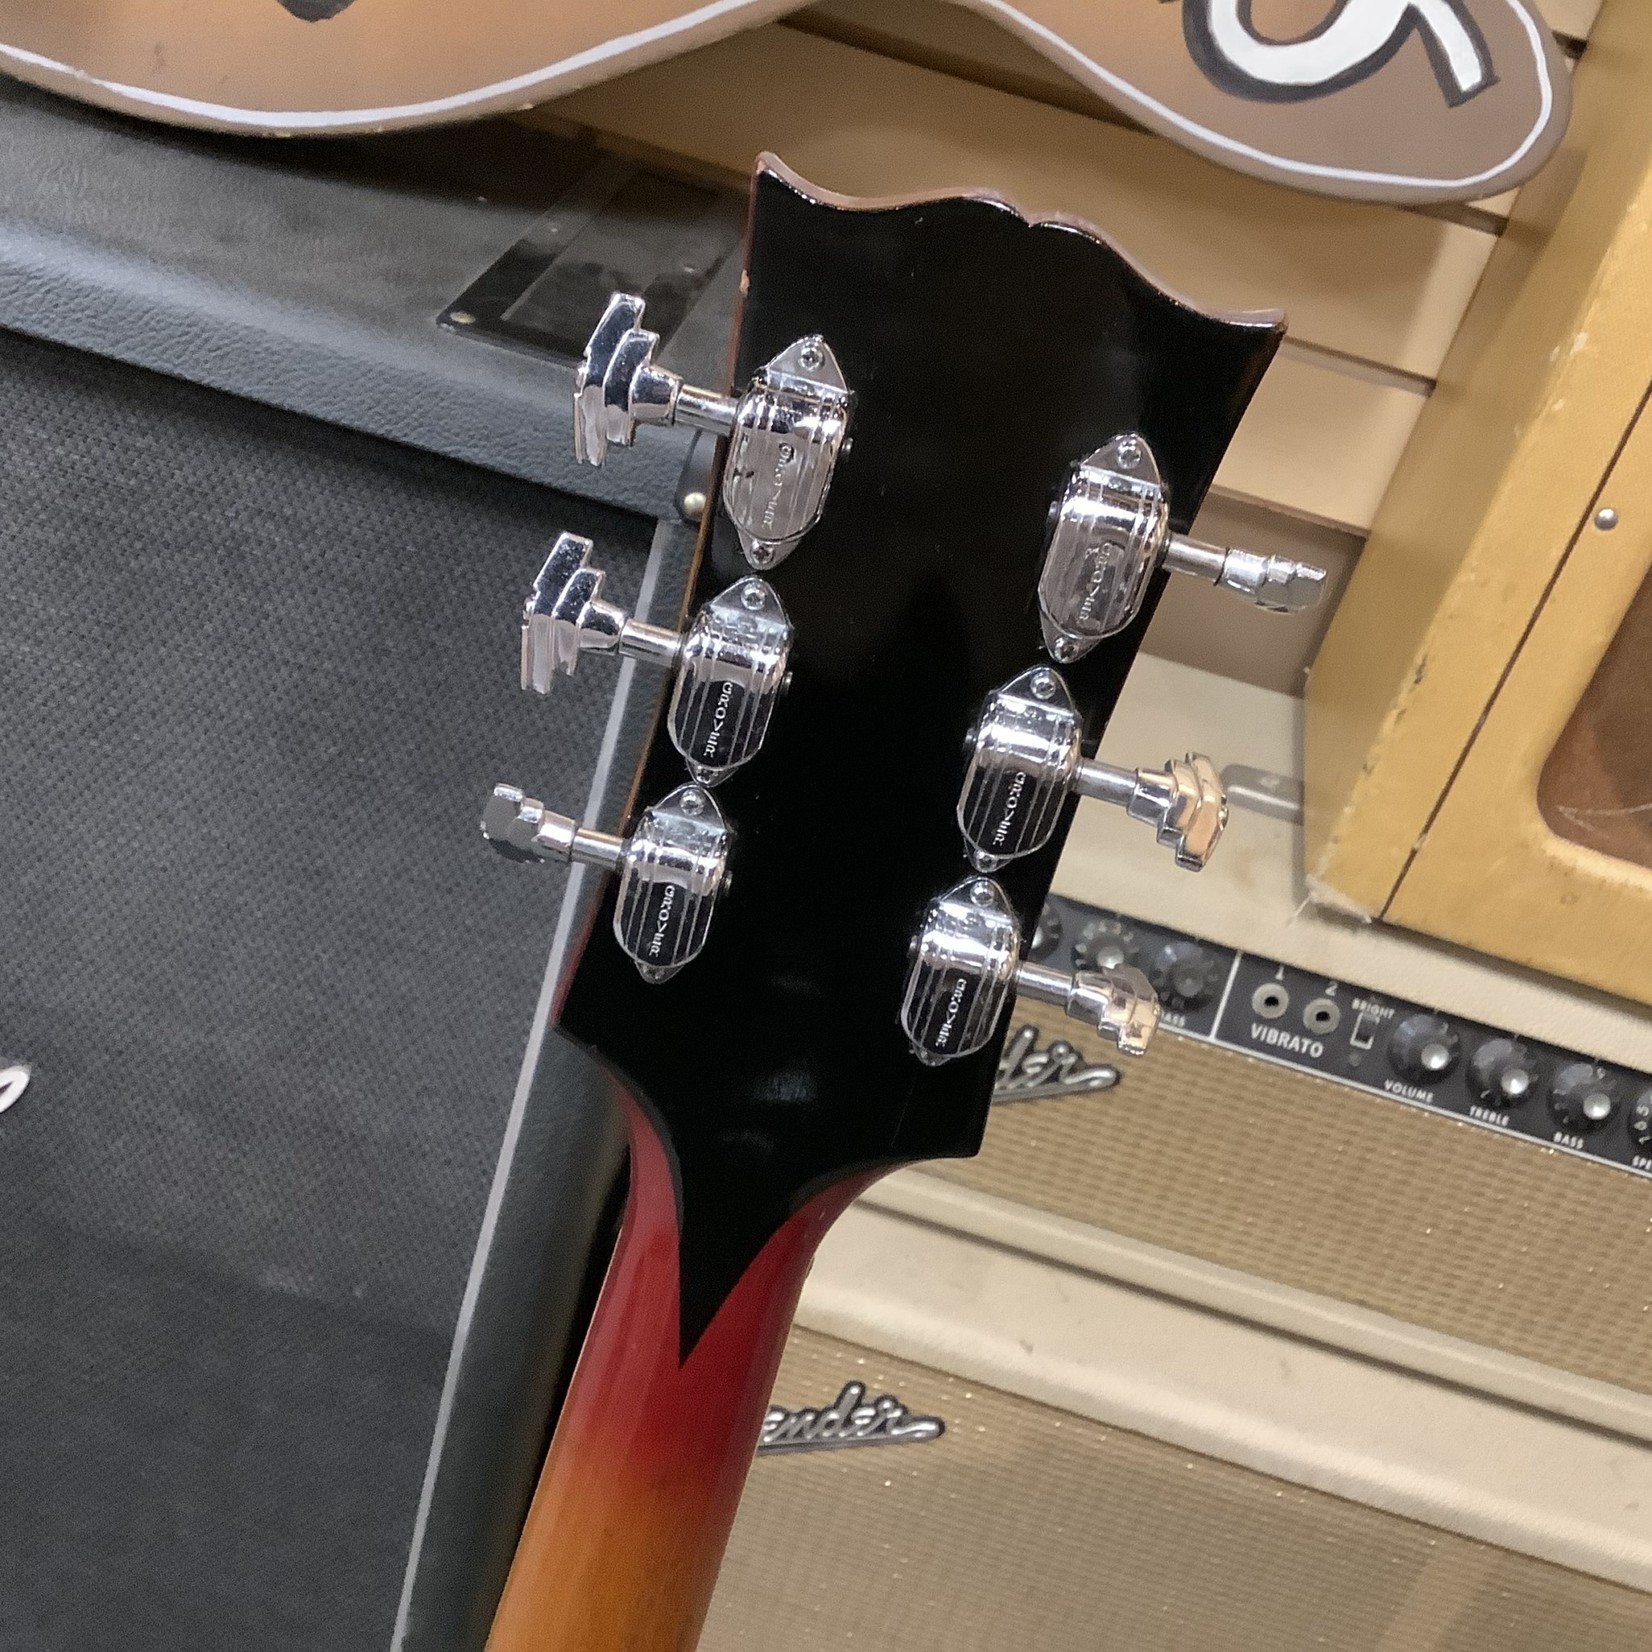 Gibson 1968 Gibson Barney Kessel Cherry Sunburst